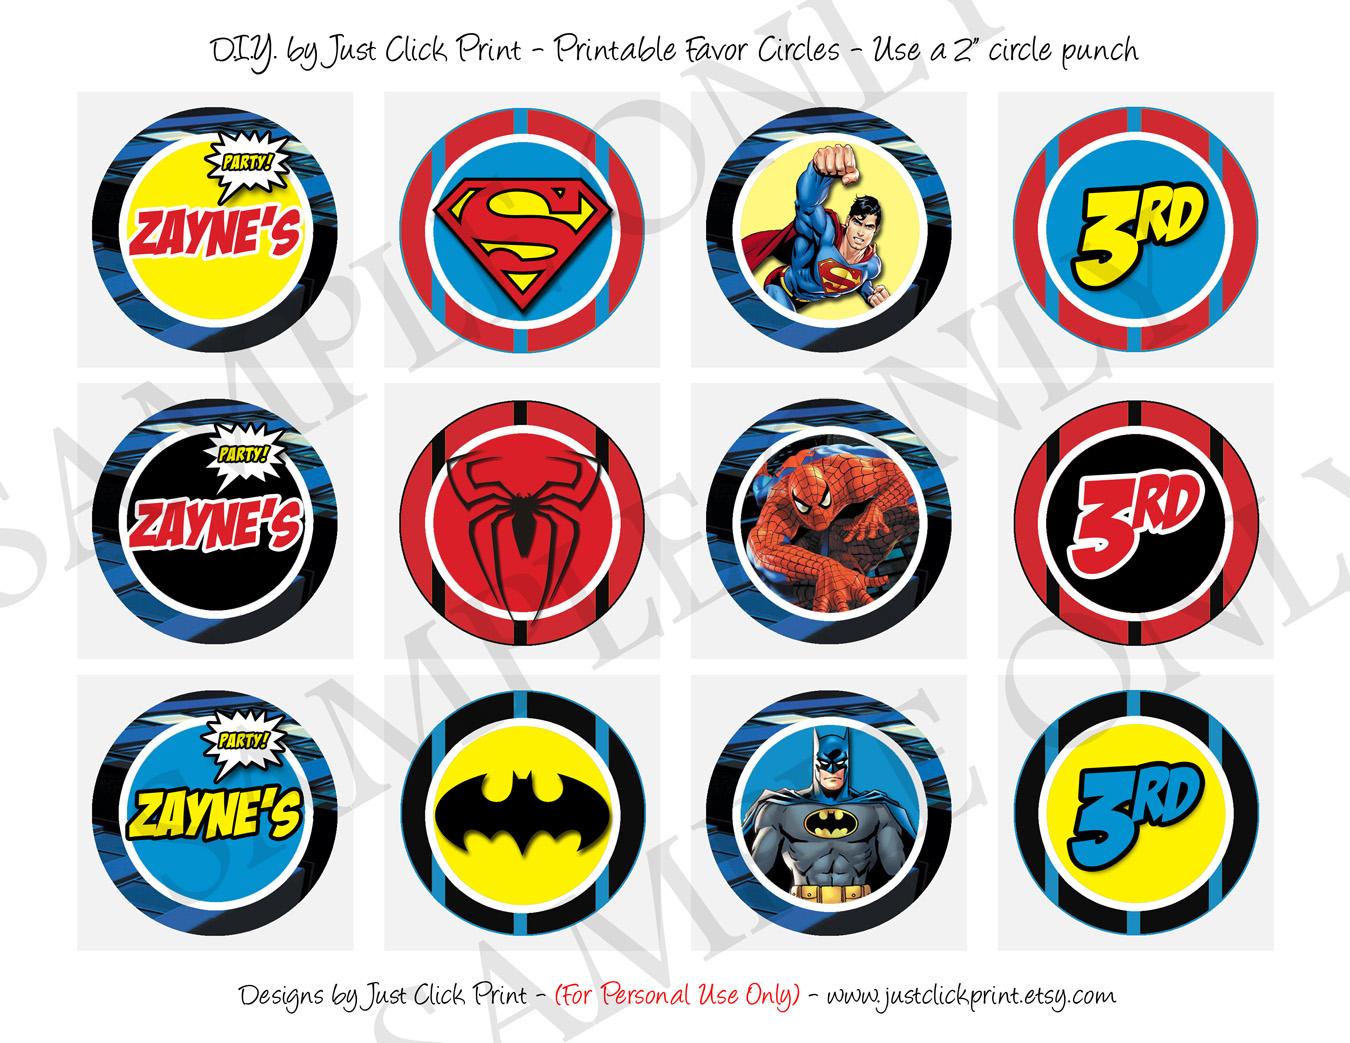 Superheroes logos batman superman spiderman birthday invitation superheroes logos batman superman spiderman birthday invitation printable thumbnail 1 filmwisefo Gallery